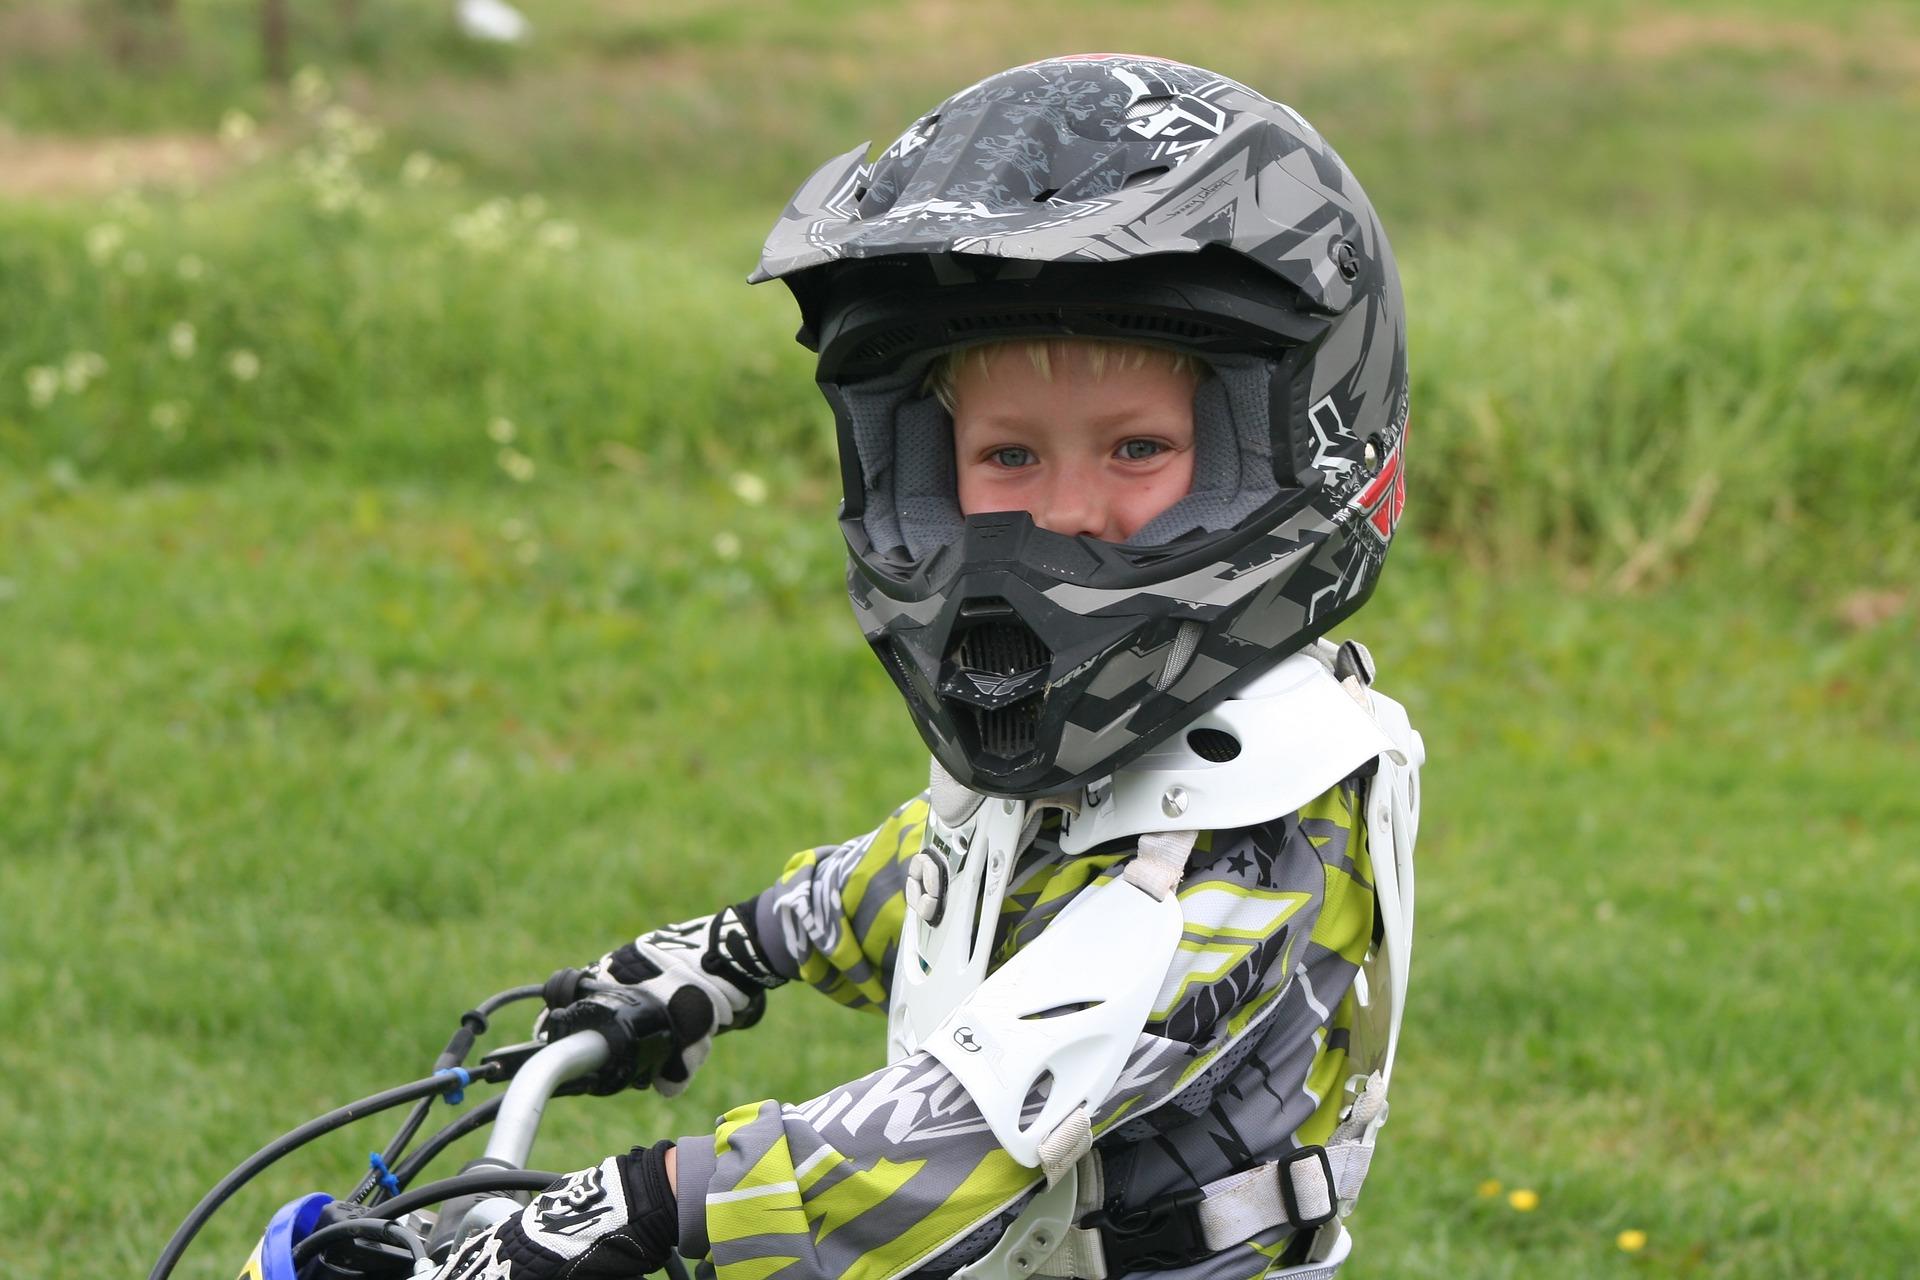 Criança com capacete no motocross.